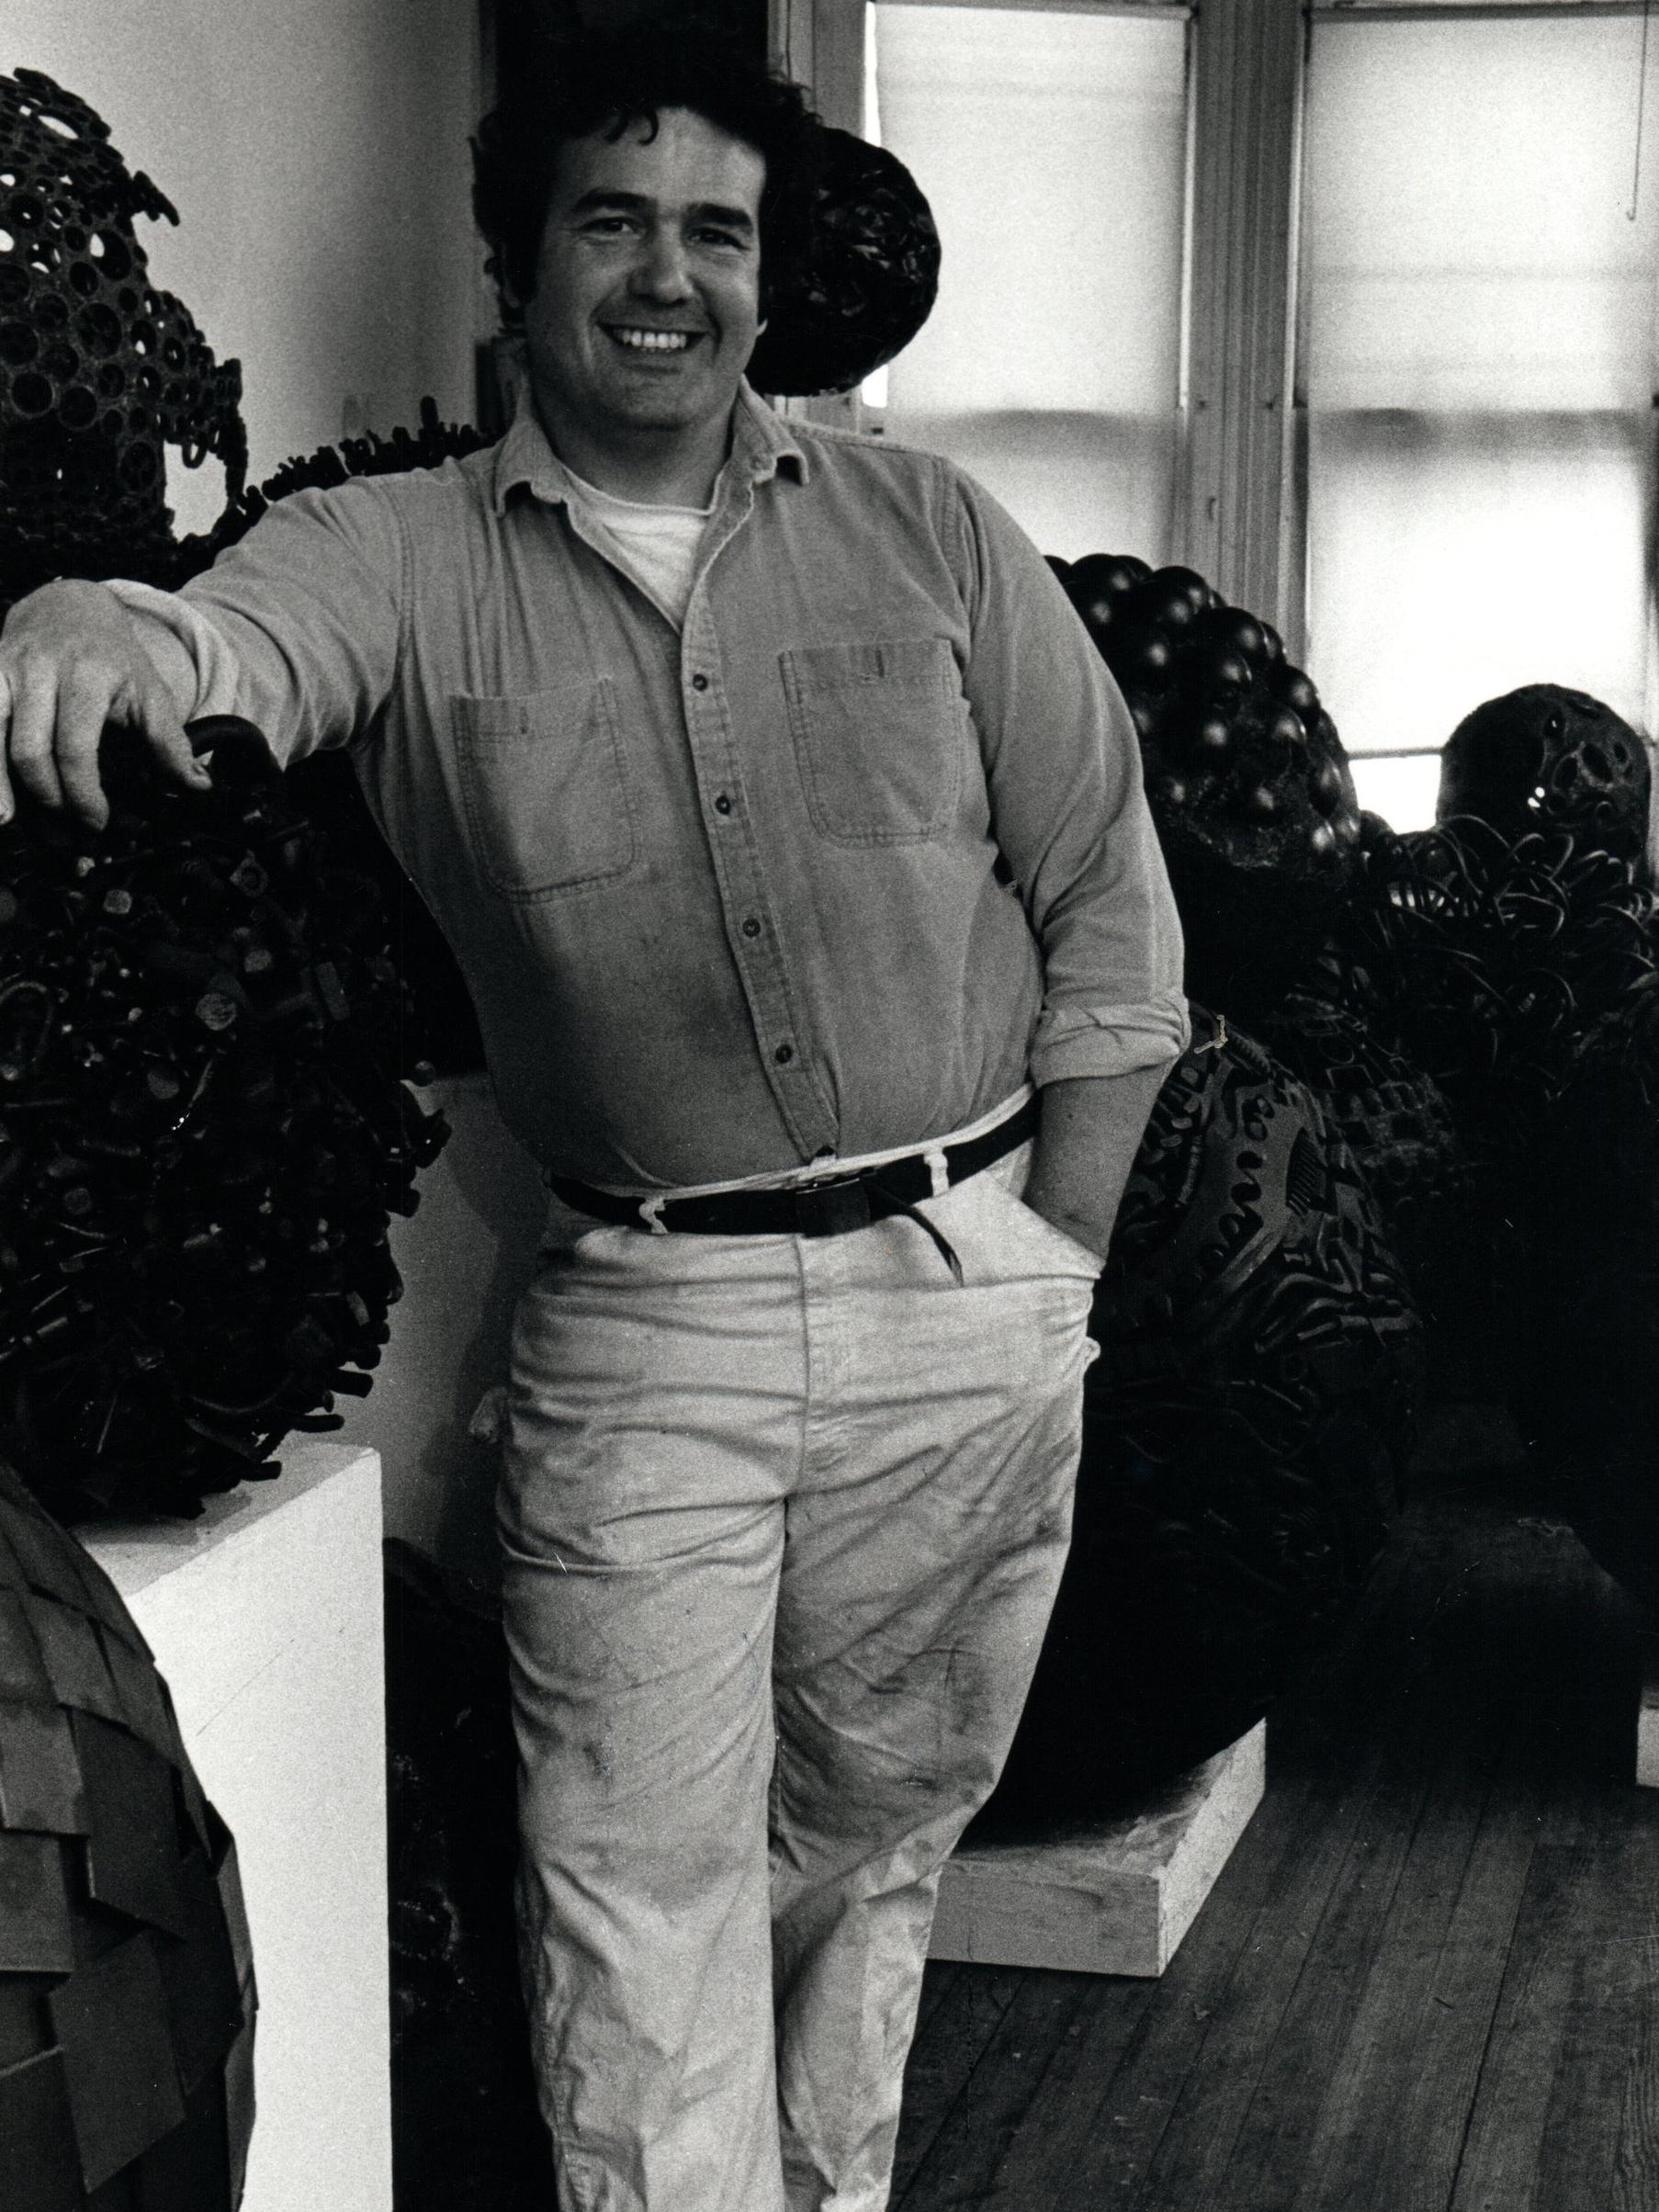 Michael Malpass